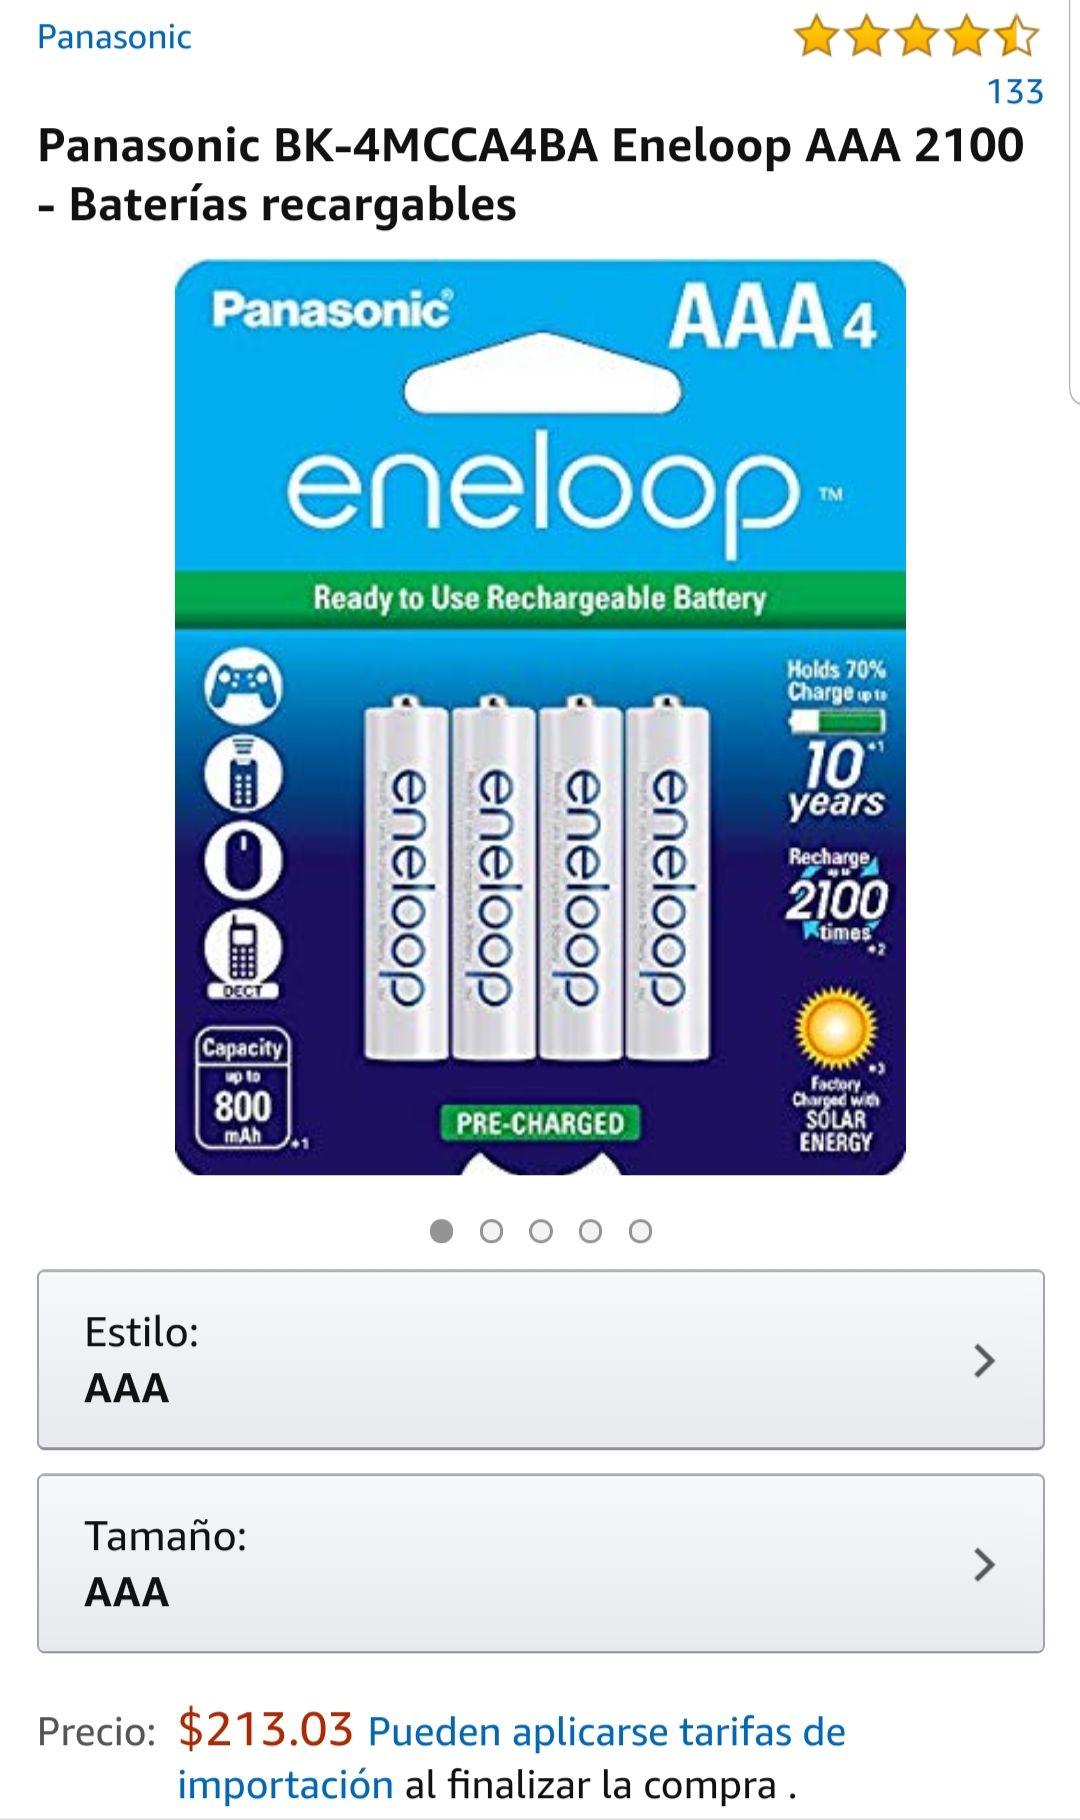 Amazon MX: Baterías recargables Panasonic BK-4MCCA4BA Eneloop AAA 2100, paquete de 4 baterías (Vendido por Amazon USA)